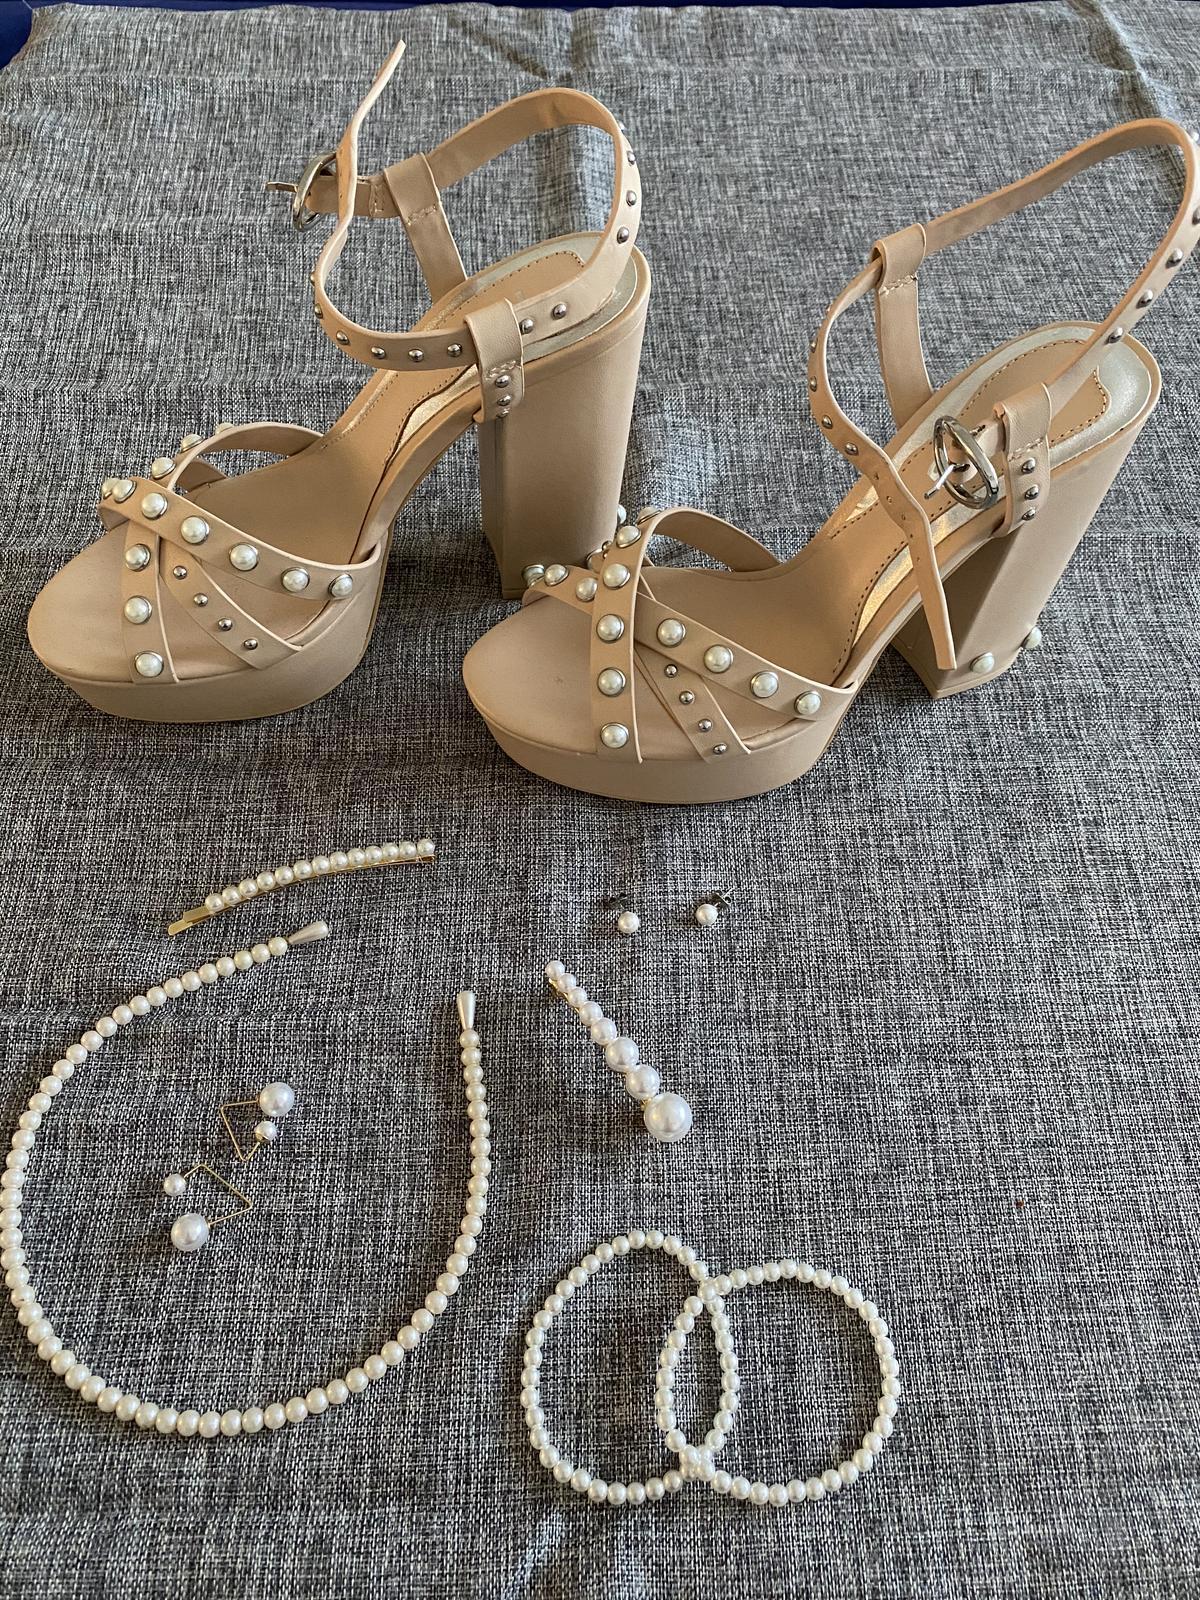 Boty zdobené perlami - Obrázek č. 1